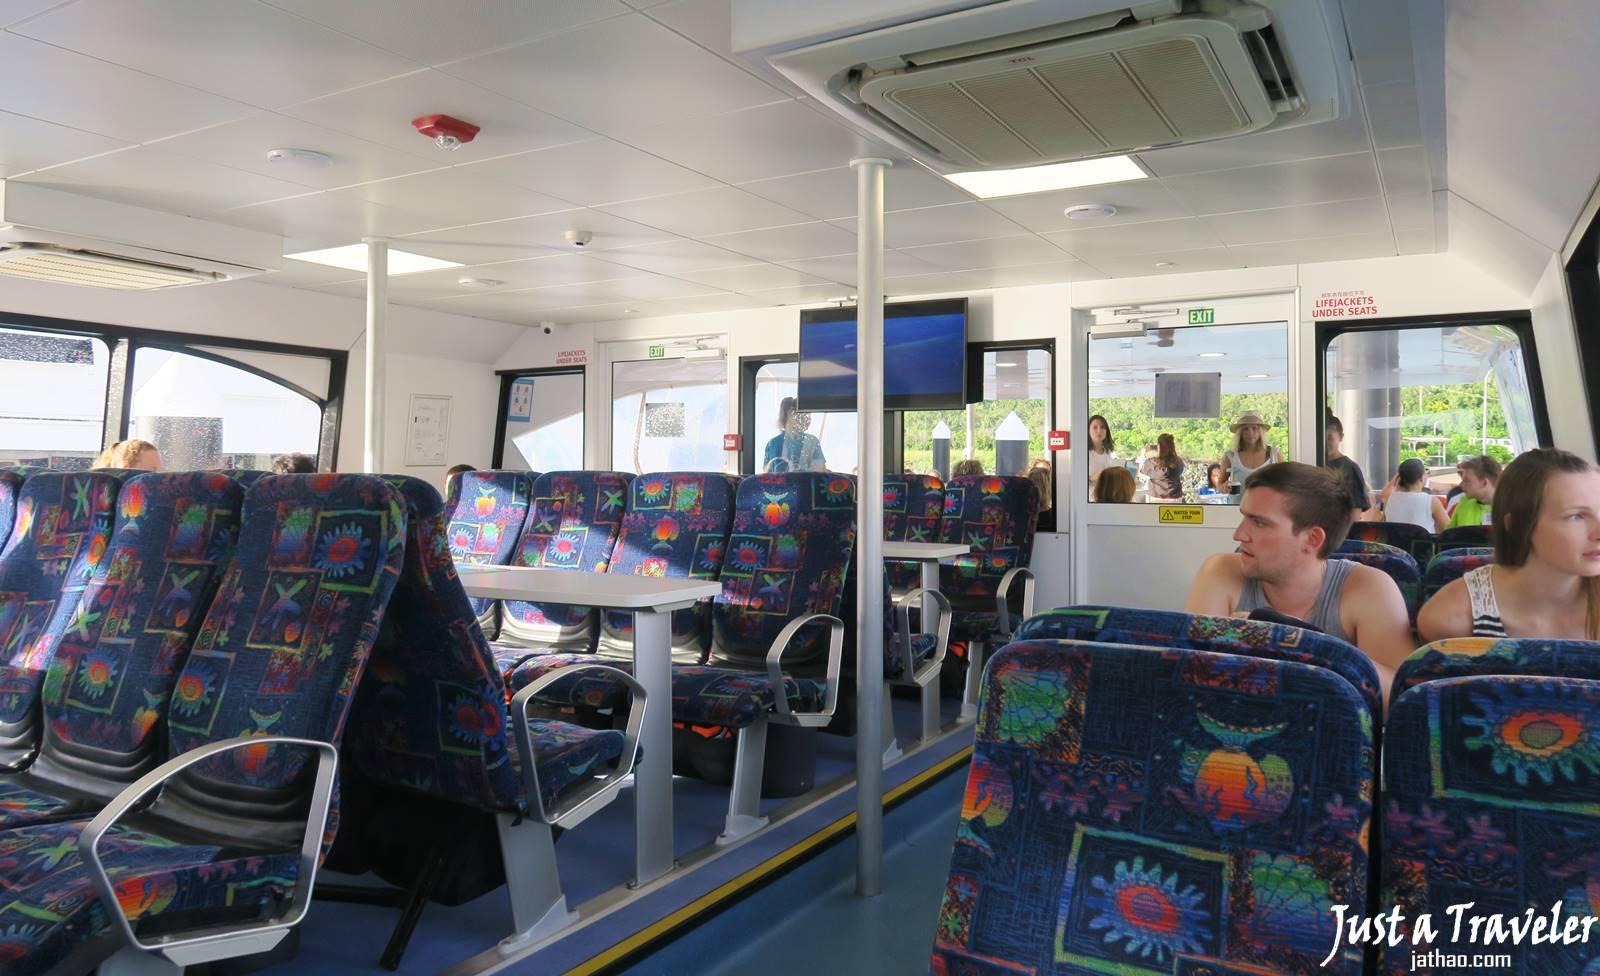 澳洲-聖靈群島-白天堂沙灘-白天堂海灘-景點-推薦-攻略-交通-自由行-遊記-必玩-必去-必遊-行程-一日遊-半日遊-旅遊-Whitsundays-Whitehaven-Beach-渡輪-船